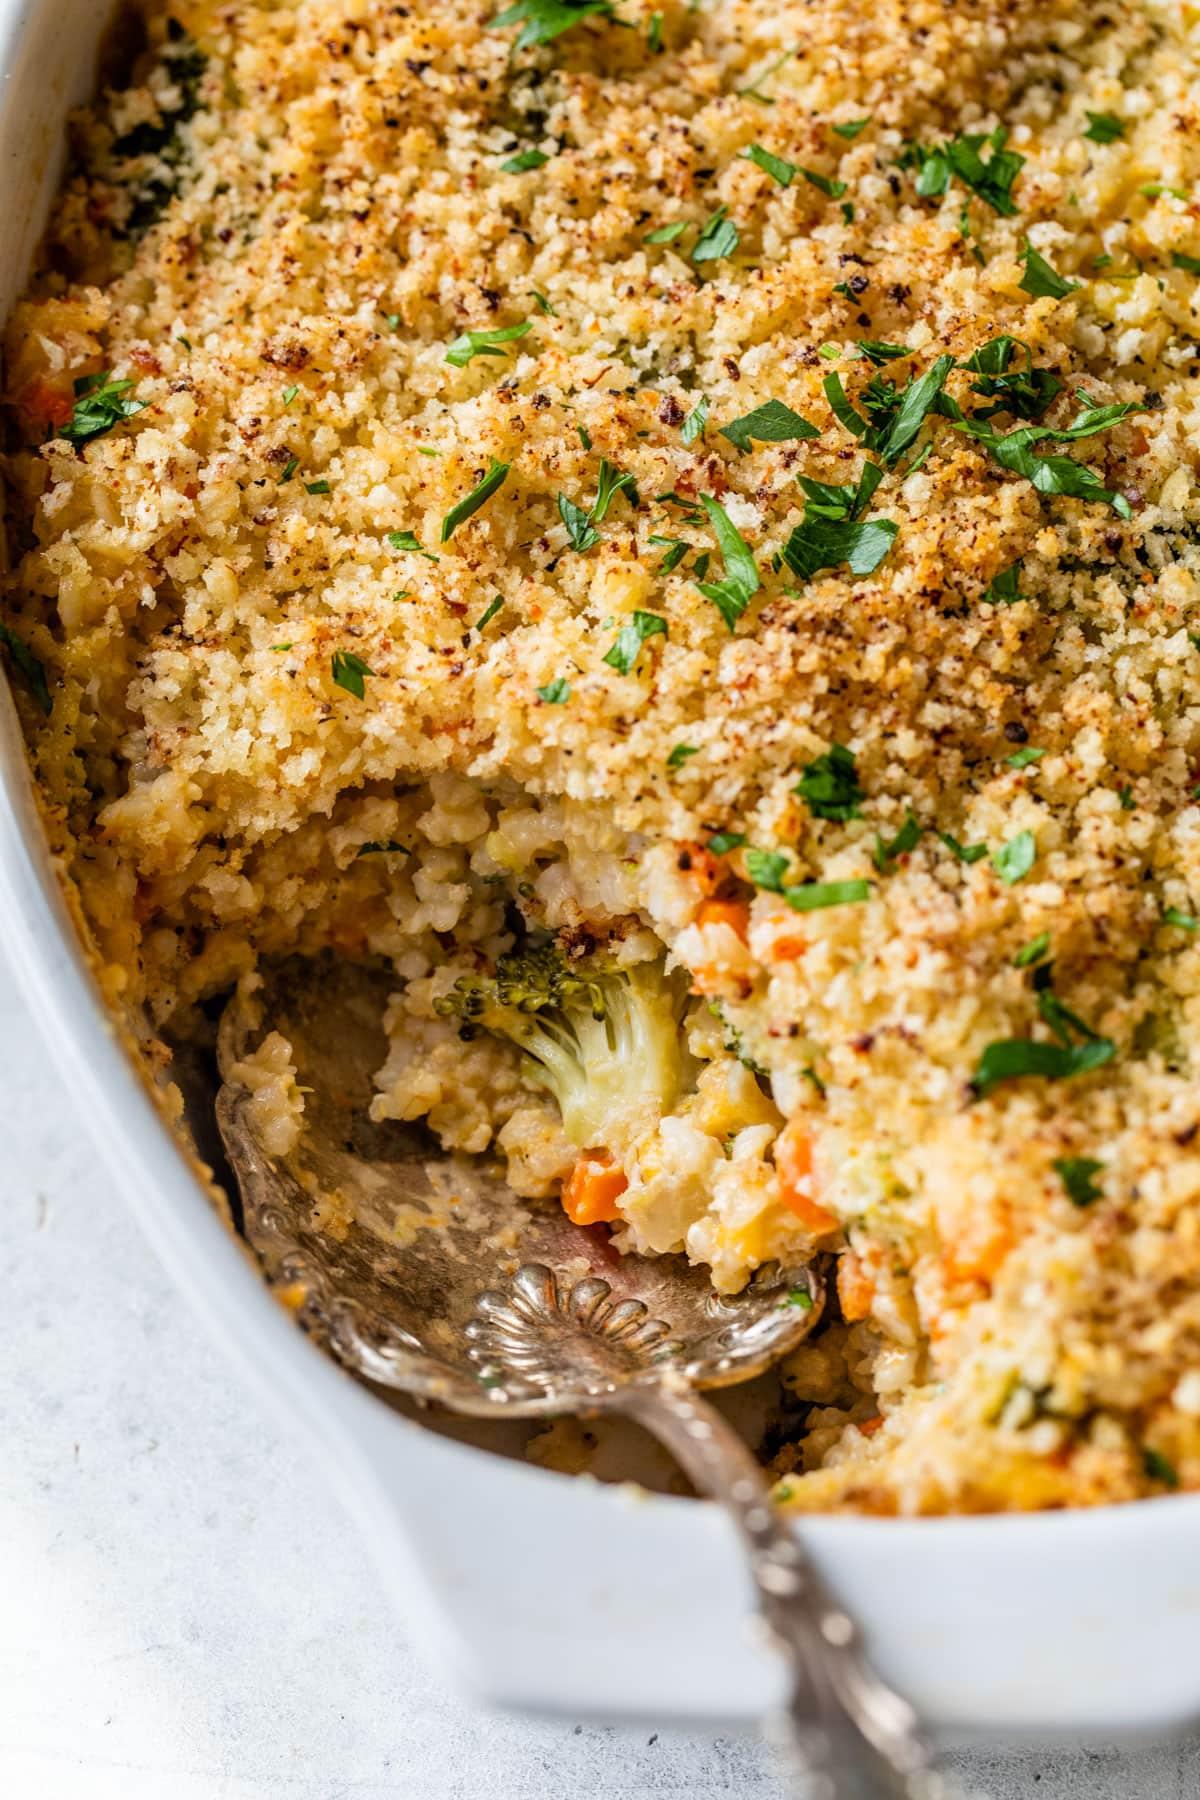 Cheesy casserole in a baking dish